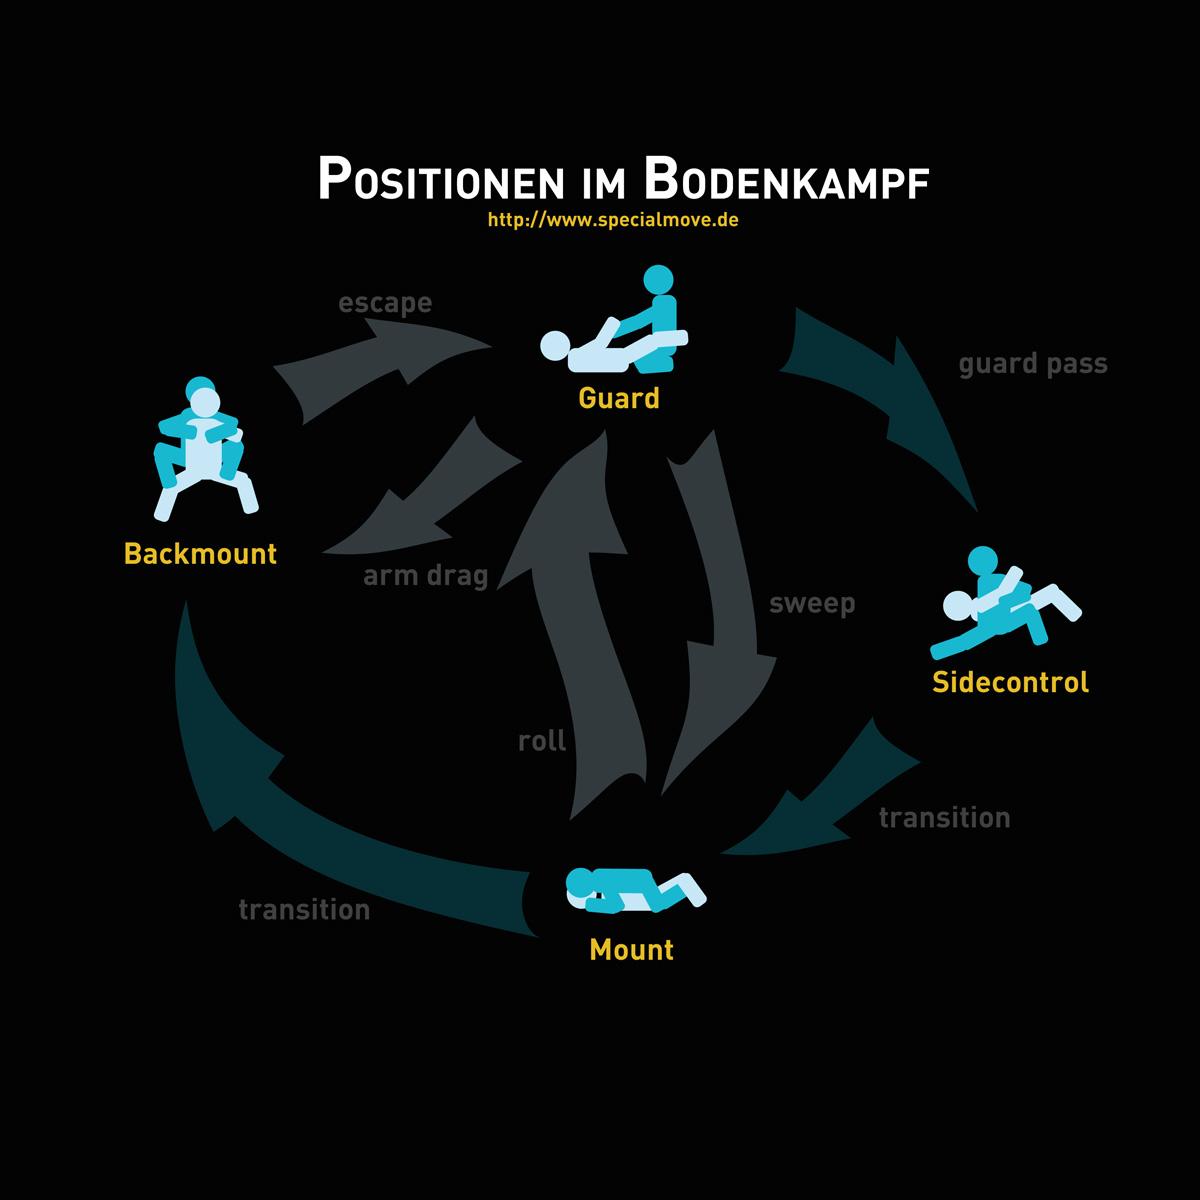 Bodenschach, Teil 1: Positionen